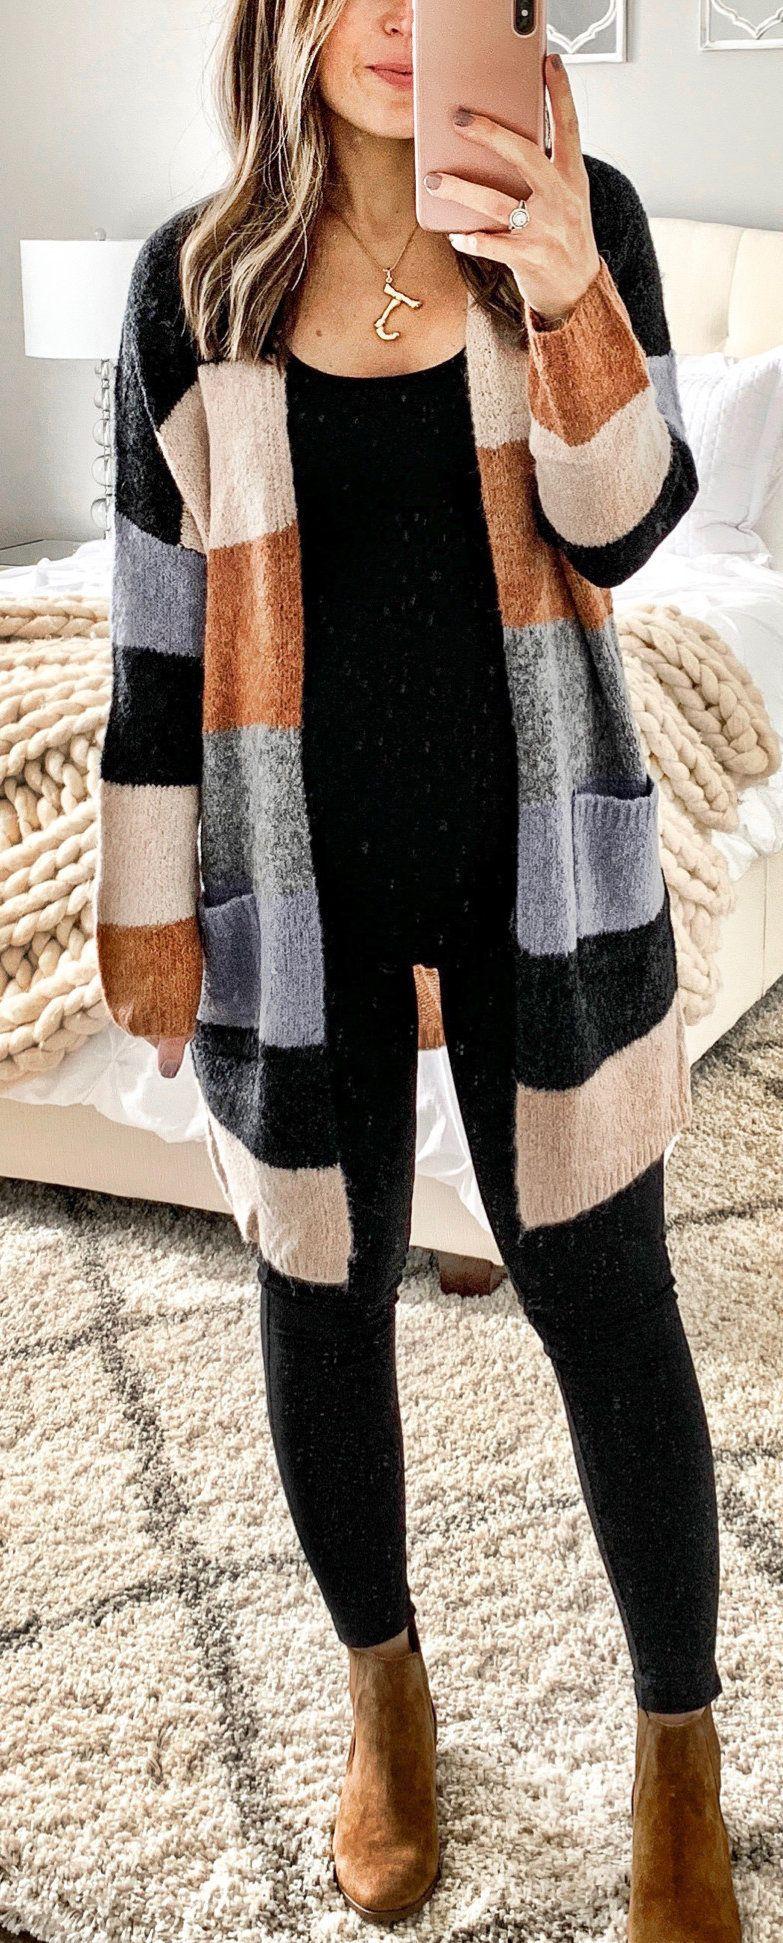 brown and black coat